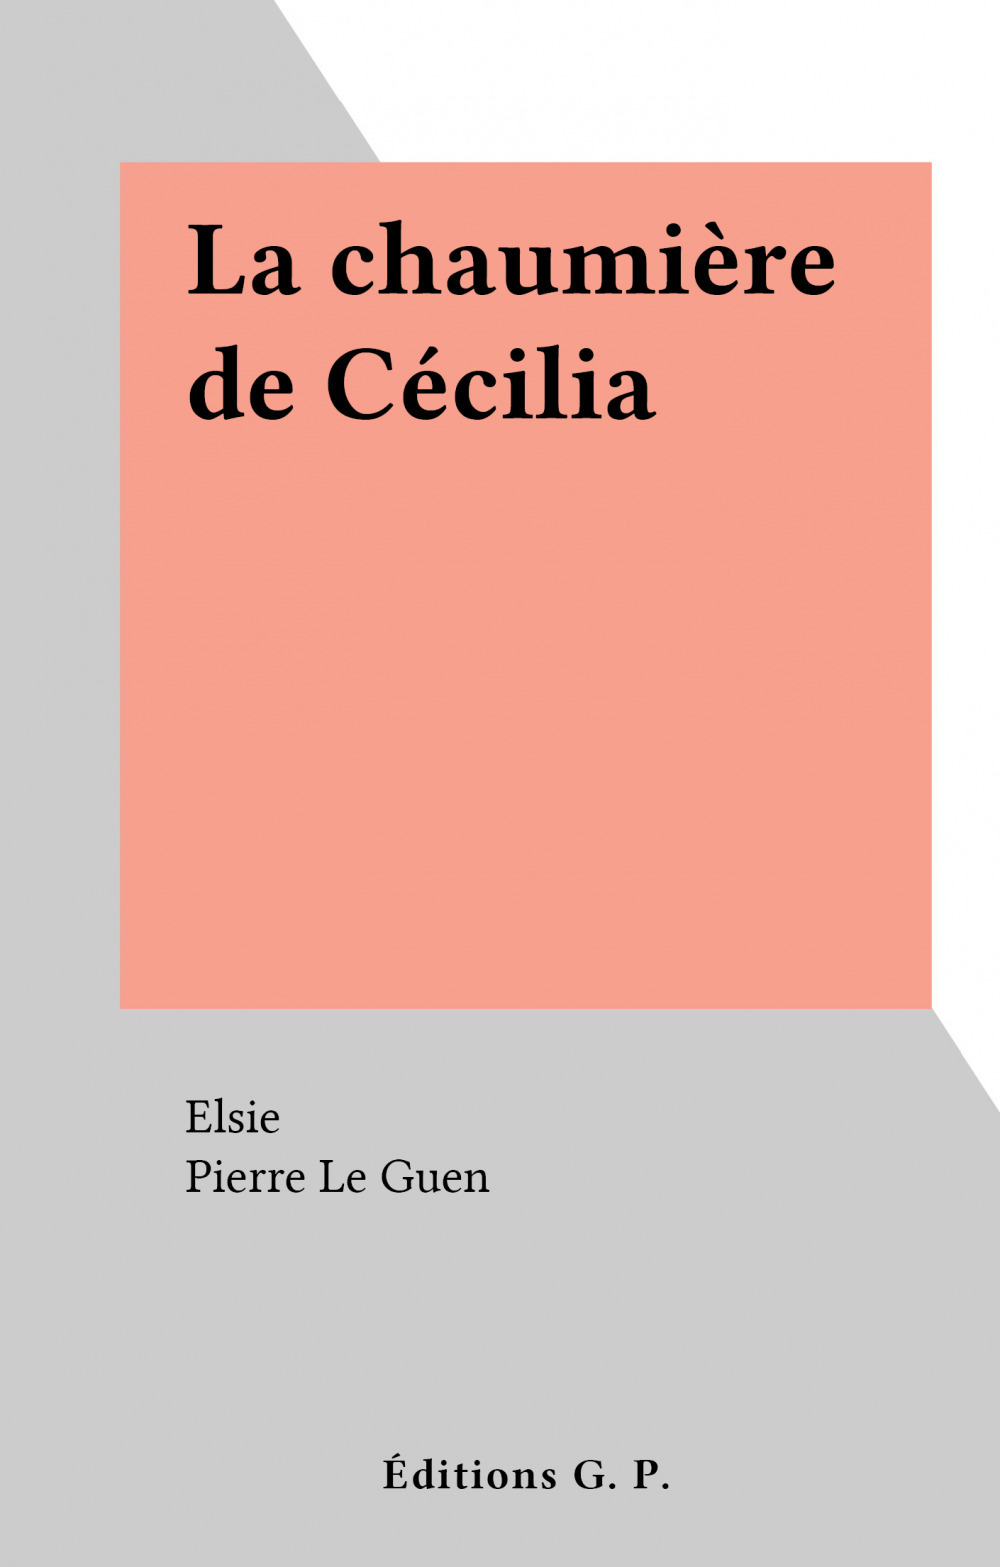 La chaumière de Cécilia